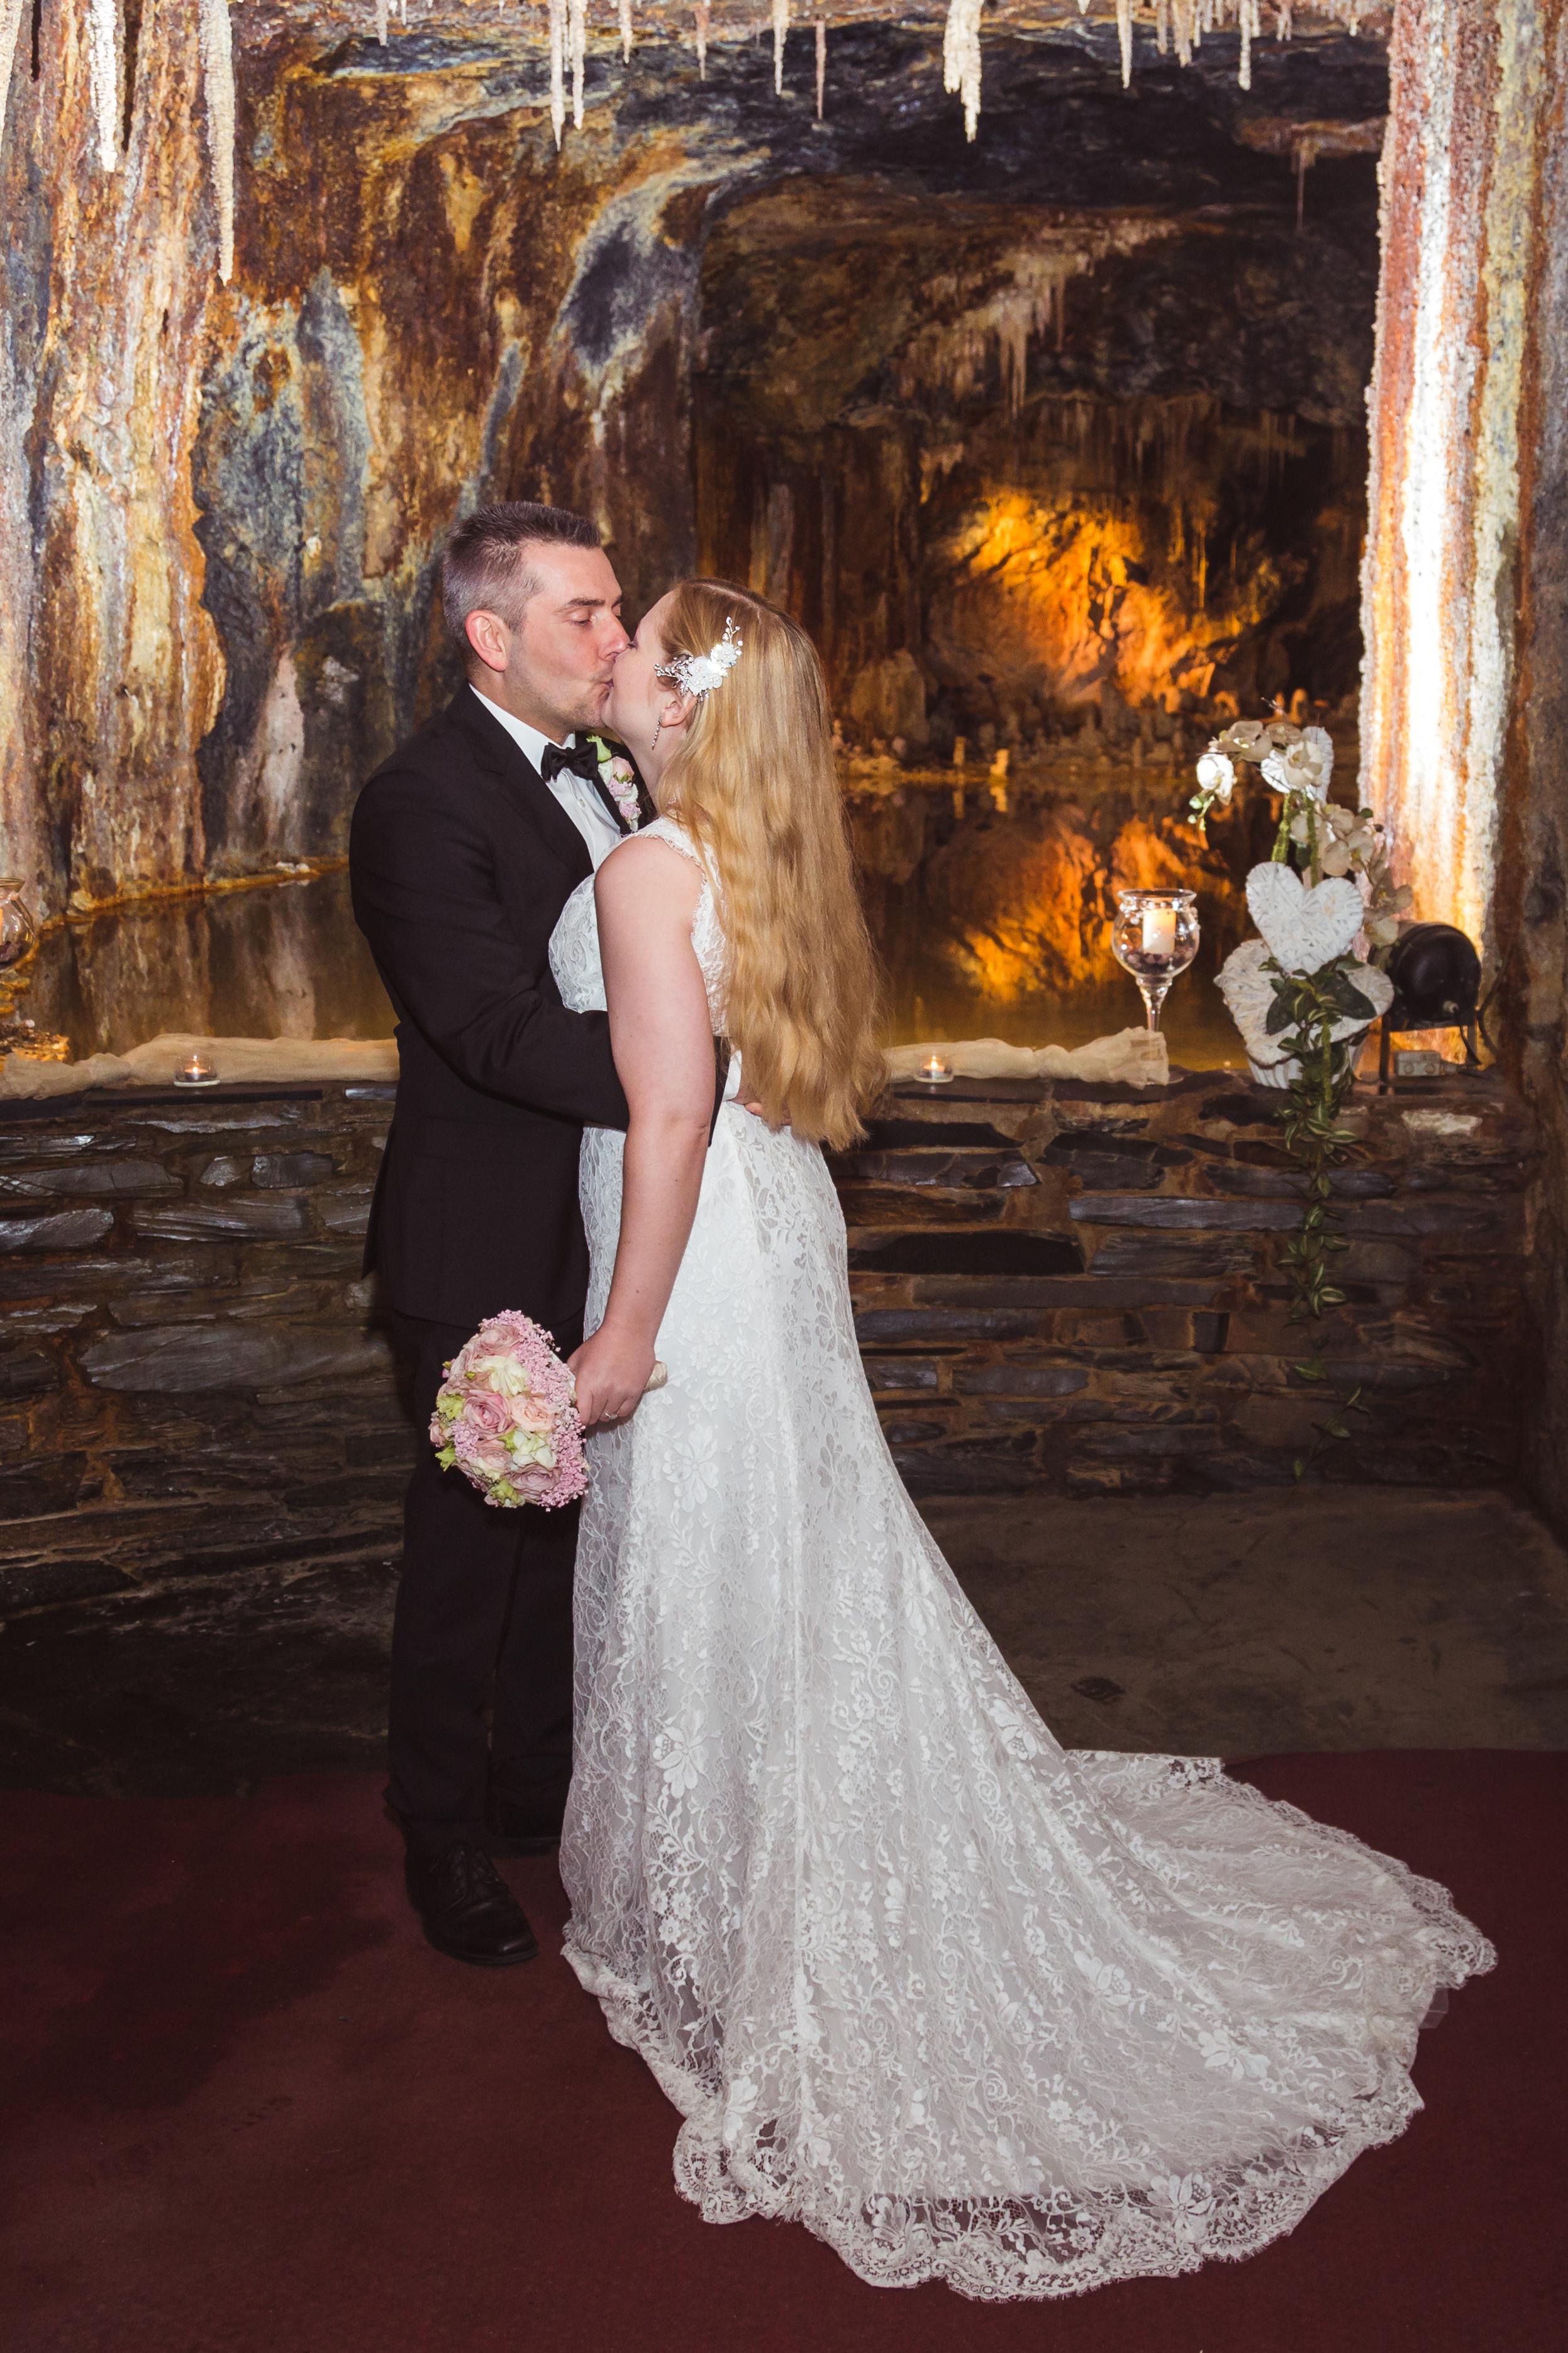 Hochzeitsfoto-Feengrotten (6a) (1)